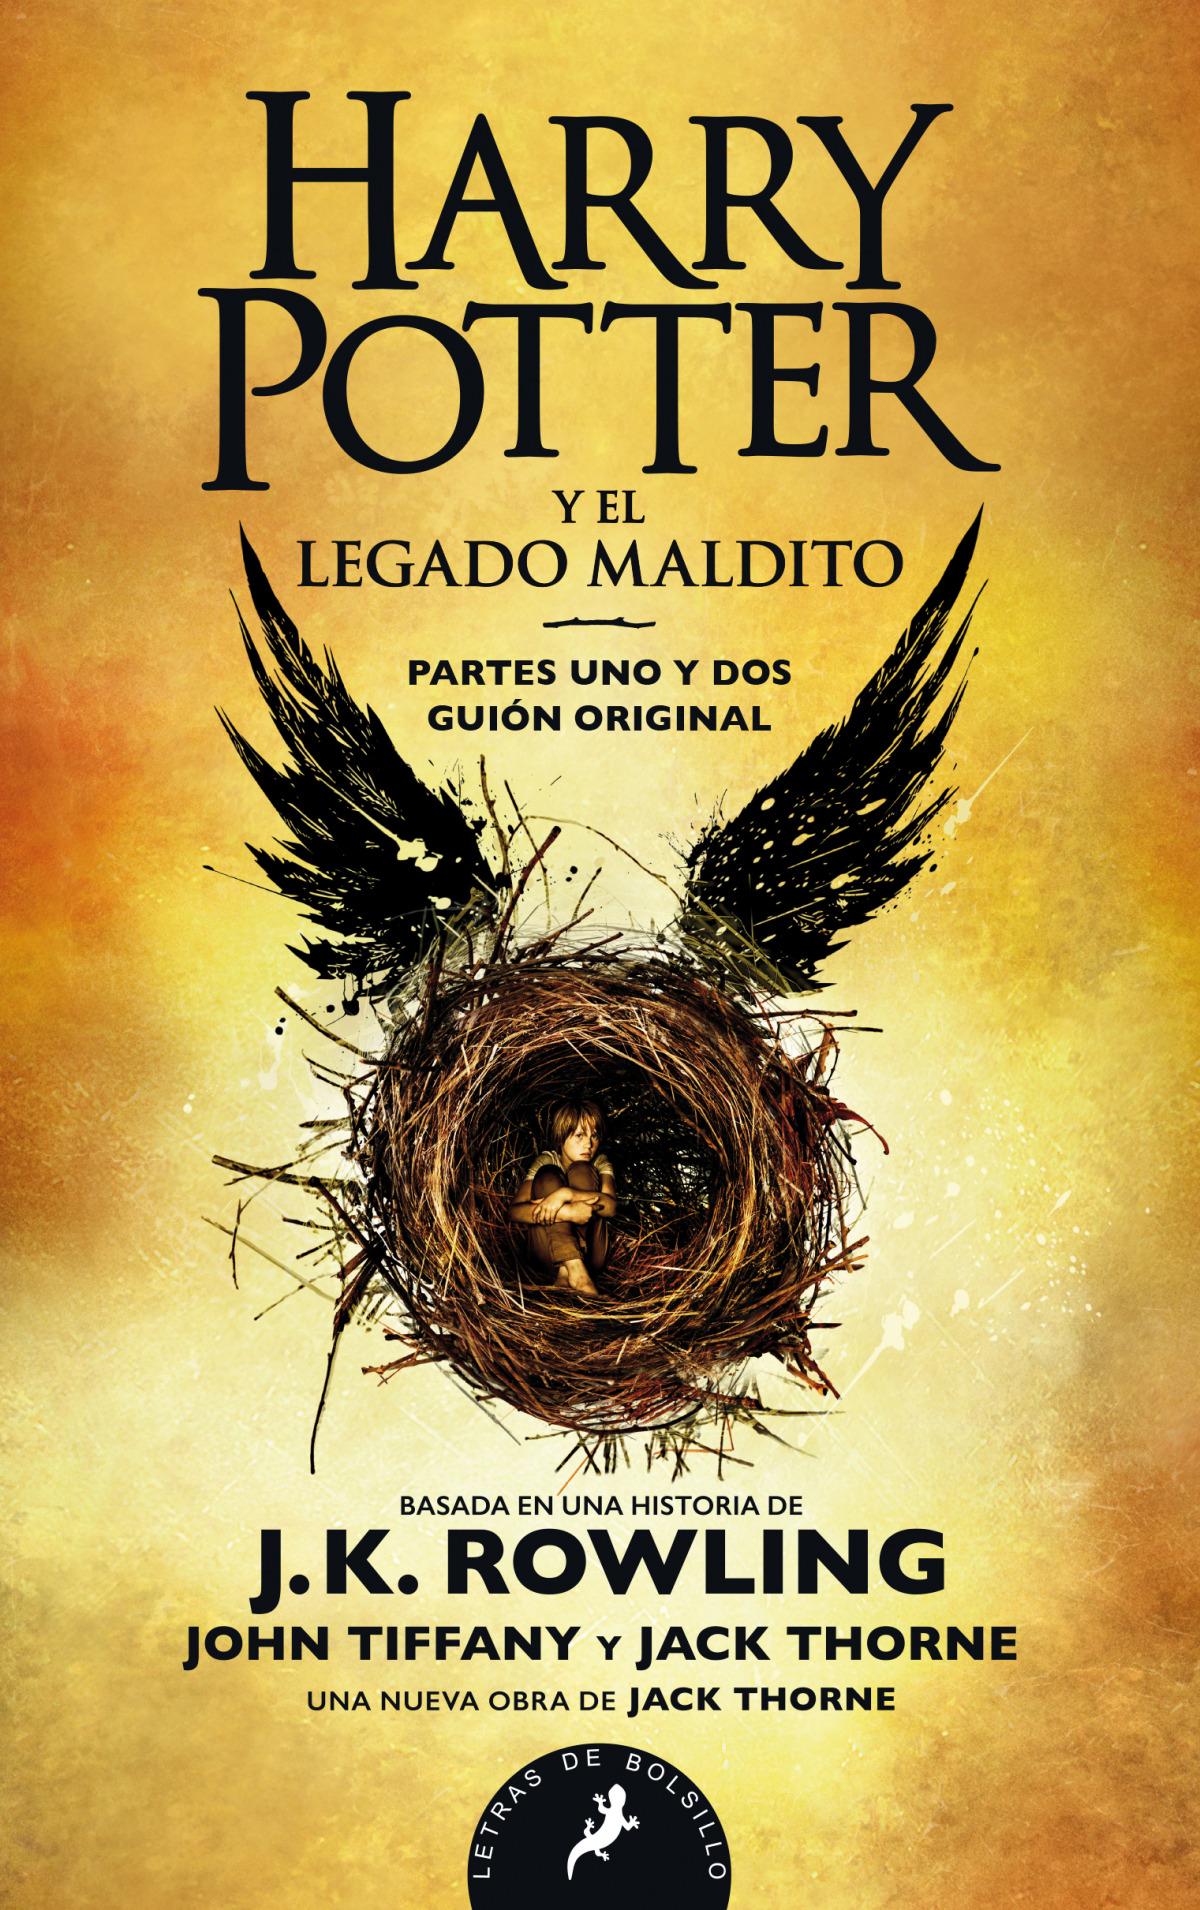 HARRY POTTER Y LEGADO MALDITO 9788498388473